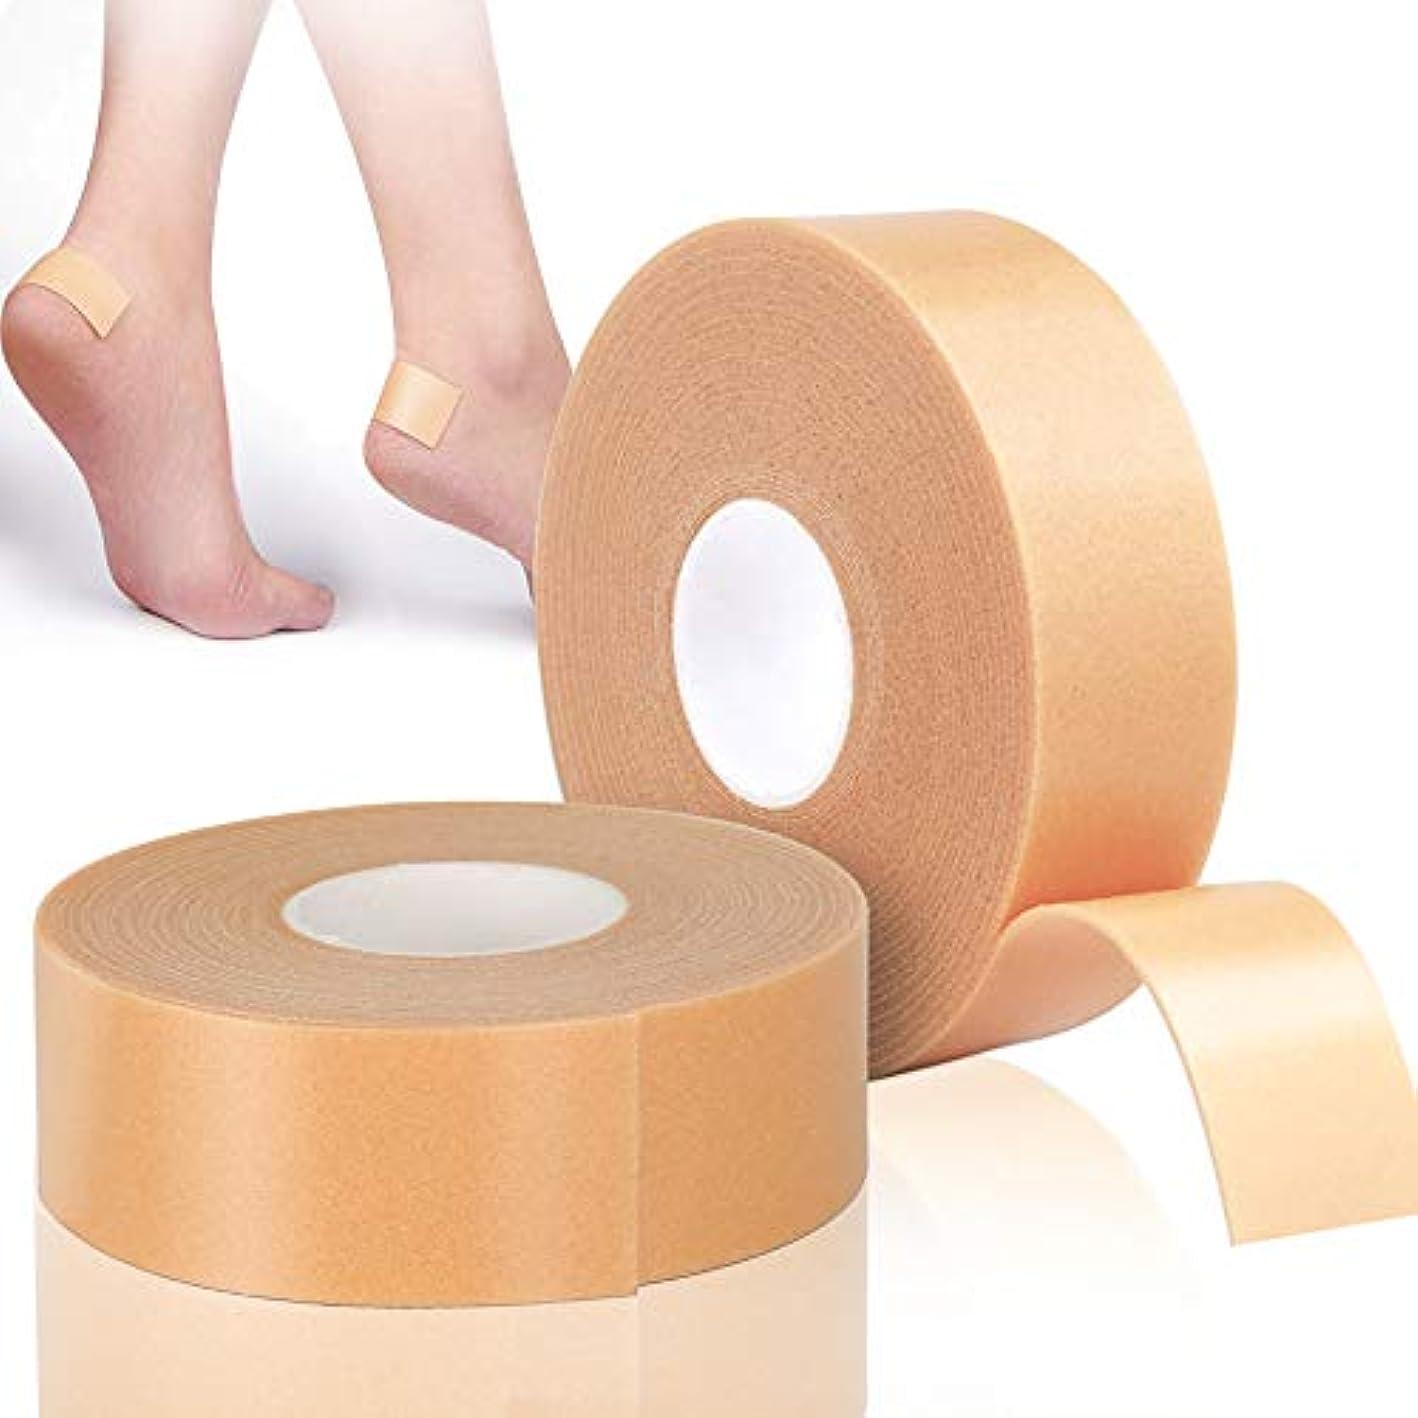 集団的パリティ履歴書LEOBRO 靴ずれ保護テープ 靴擦れ防止 かかと保護 衝撃吸収保護パッド 【2巻入り】 2.5cm*5m 肌色 防水素材 強粘着 足首保護パッド 耐摩耗 かかと痛み緩和